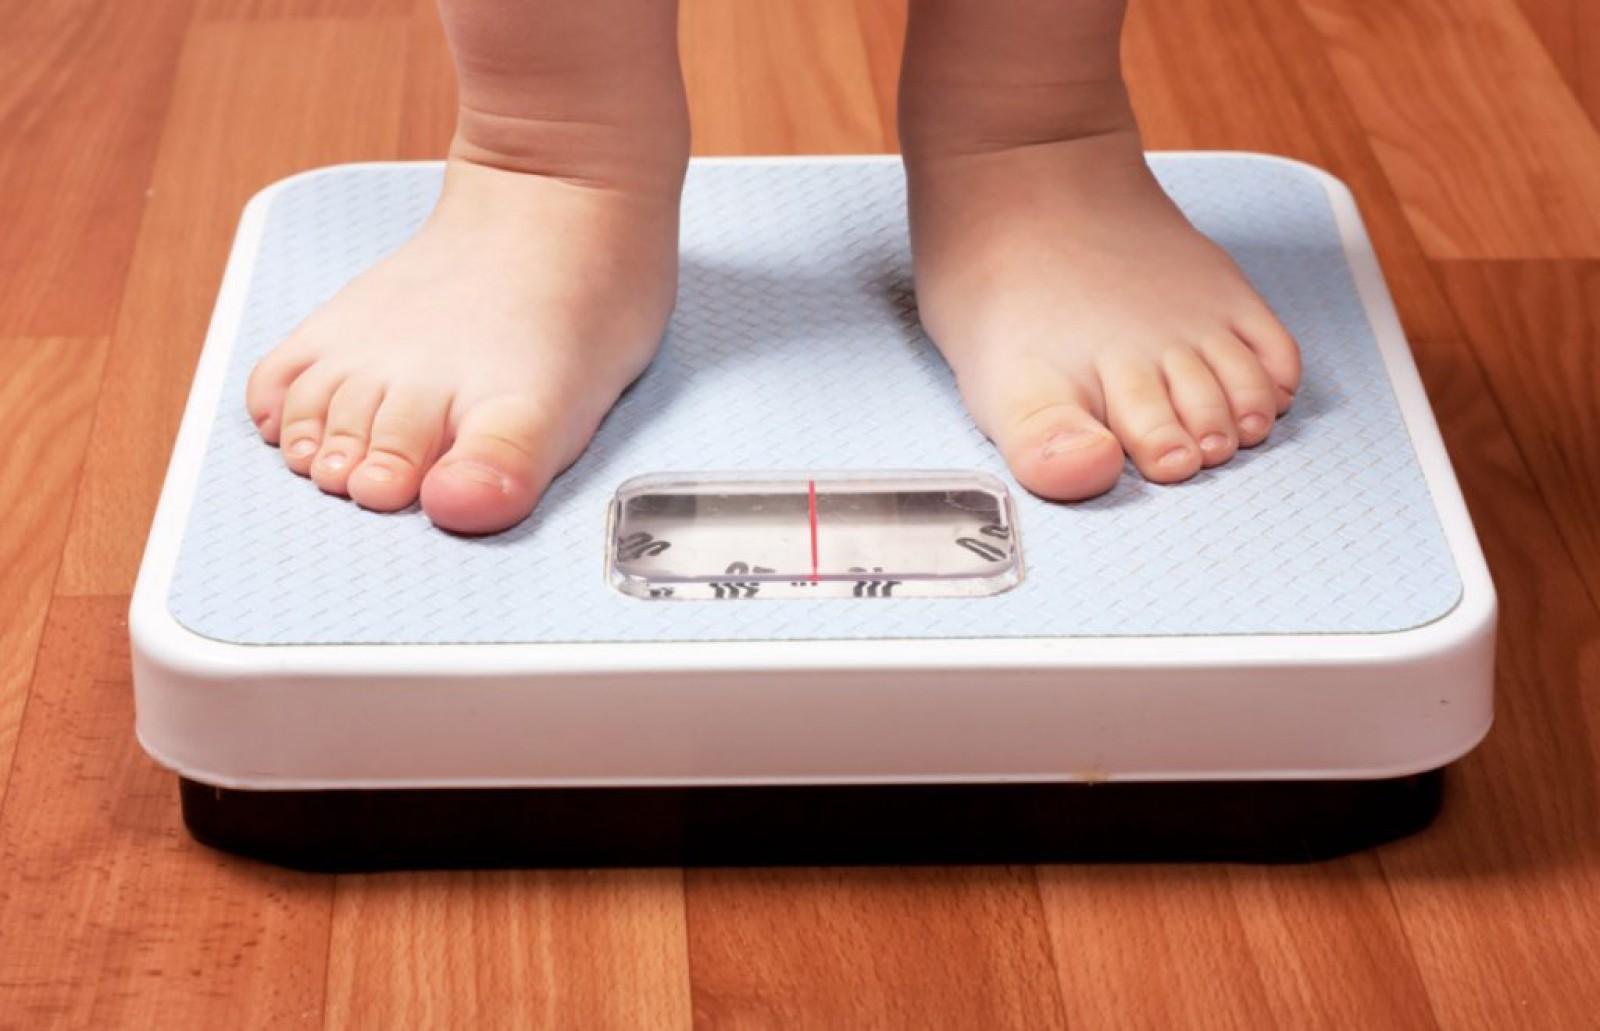 Obezitatea mărește riscul decesului din cauza COVID-19 cu aproape 50%